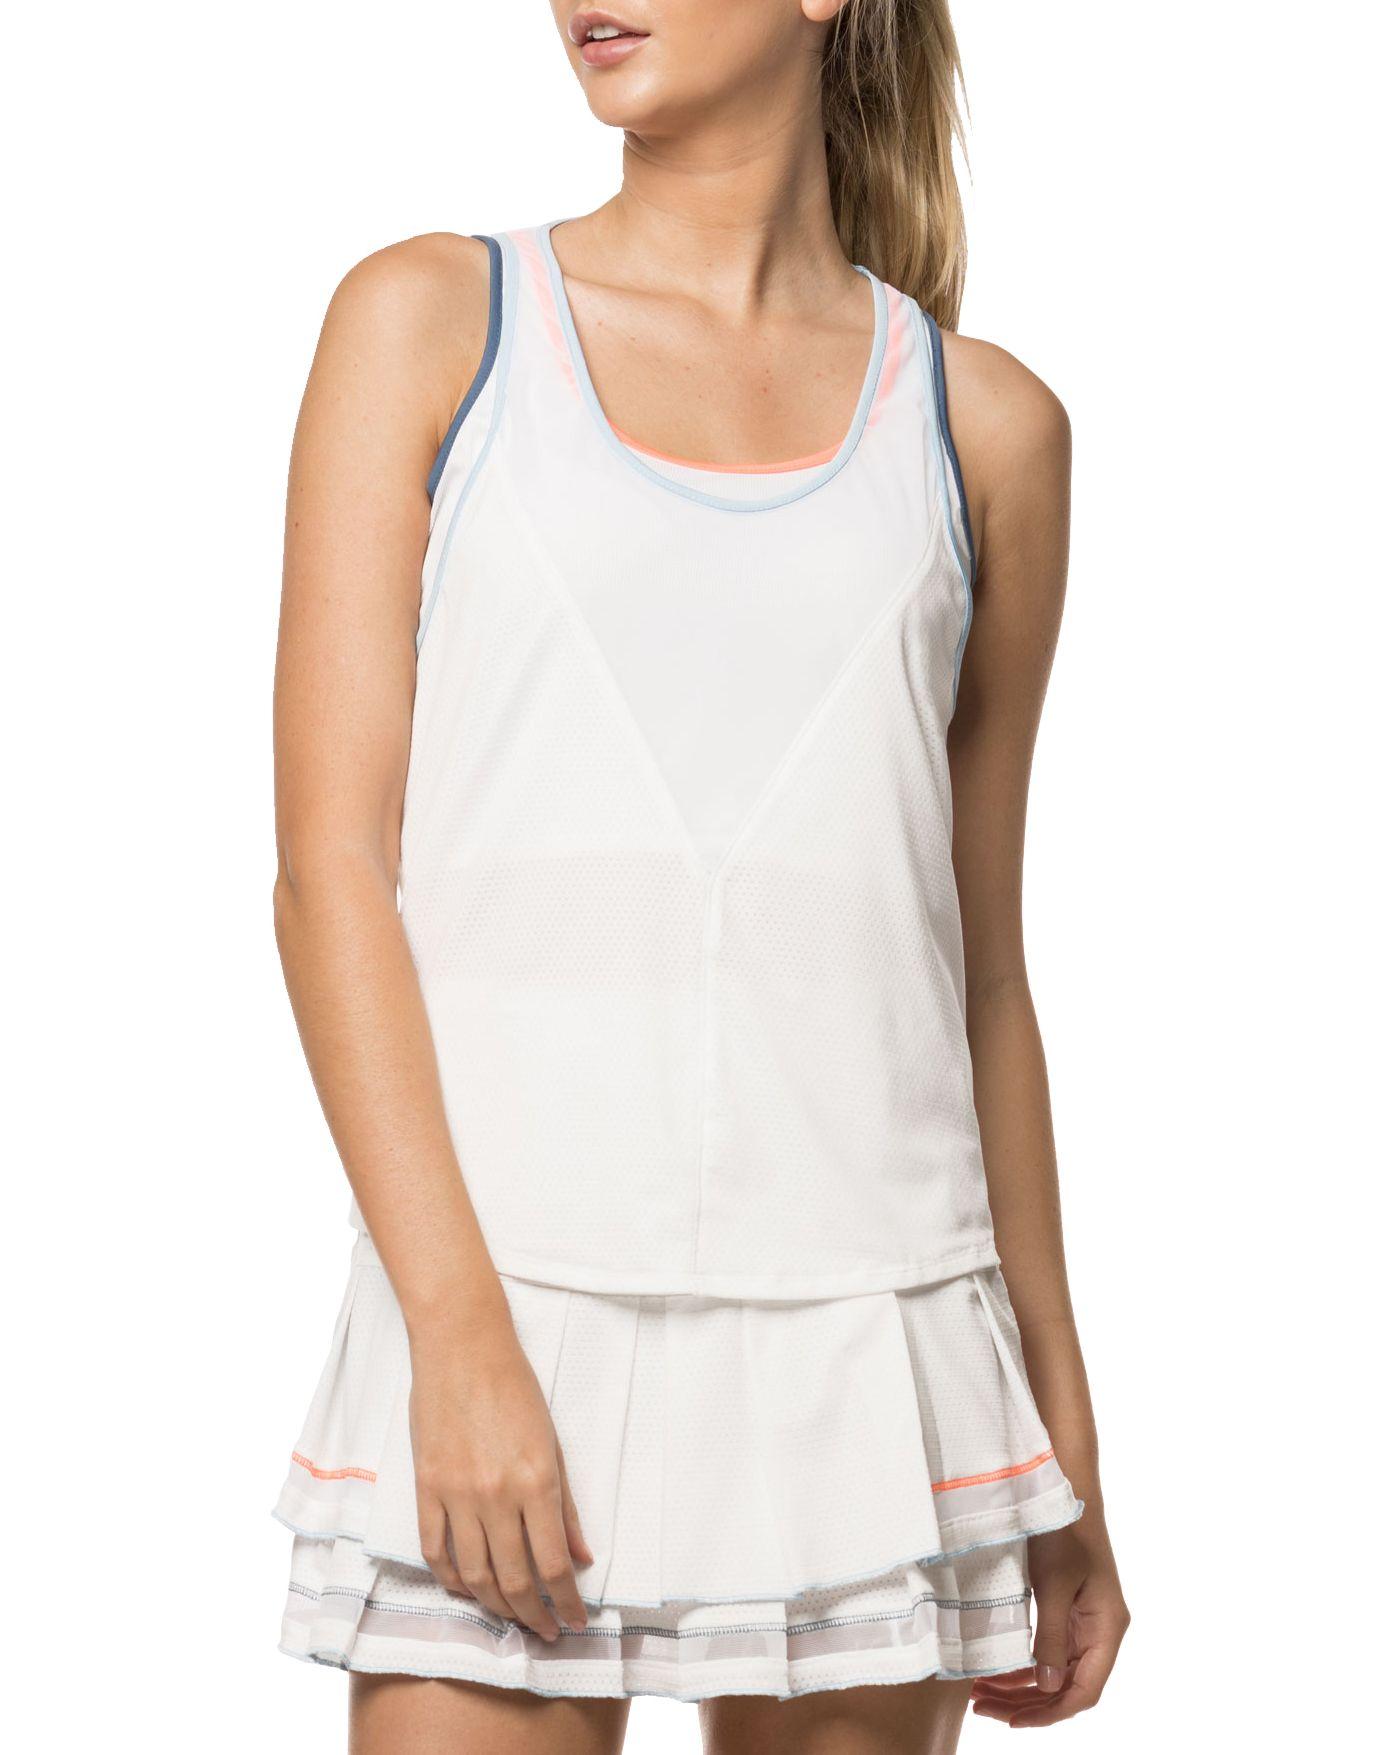 Lucky In Love Women's Bungee Tennis Tank